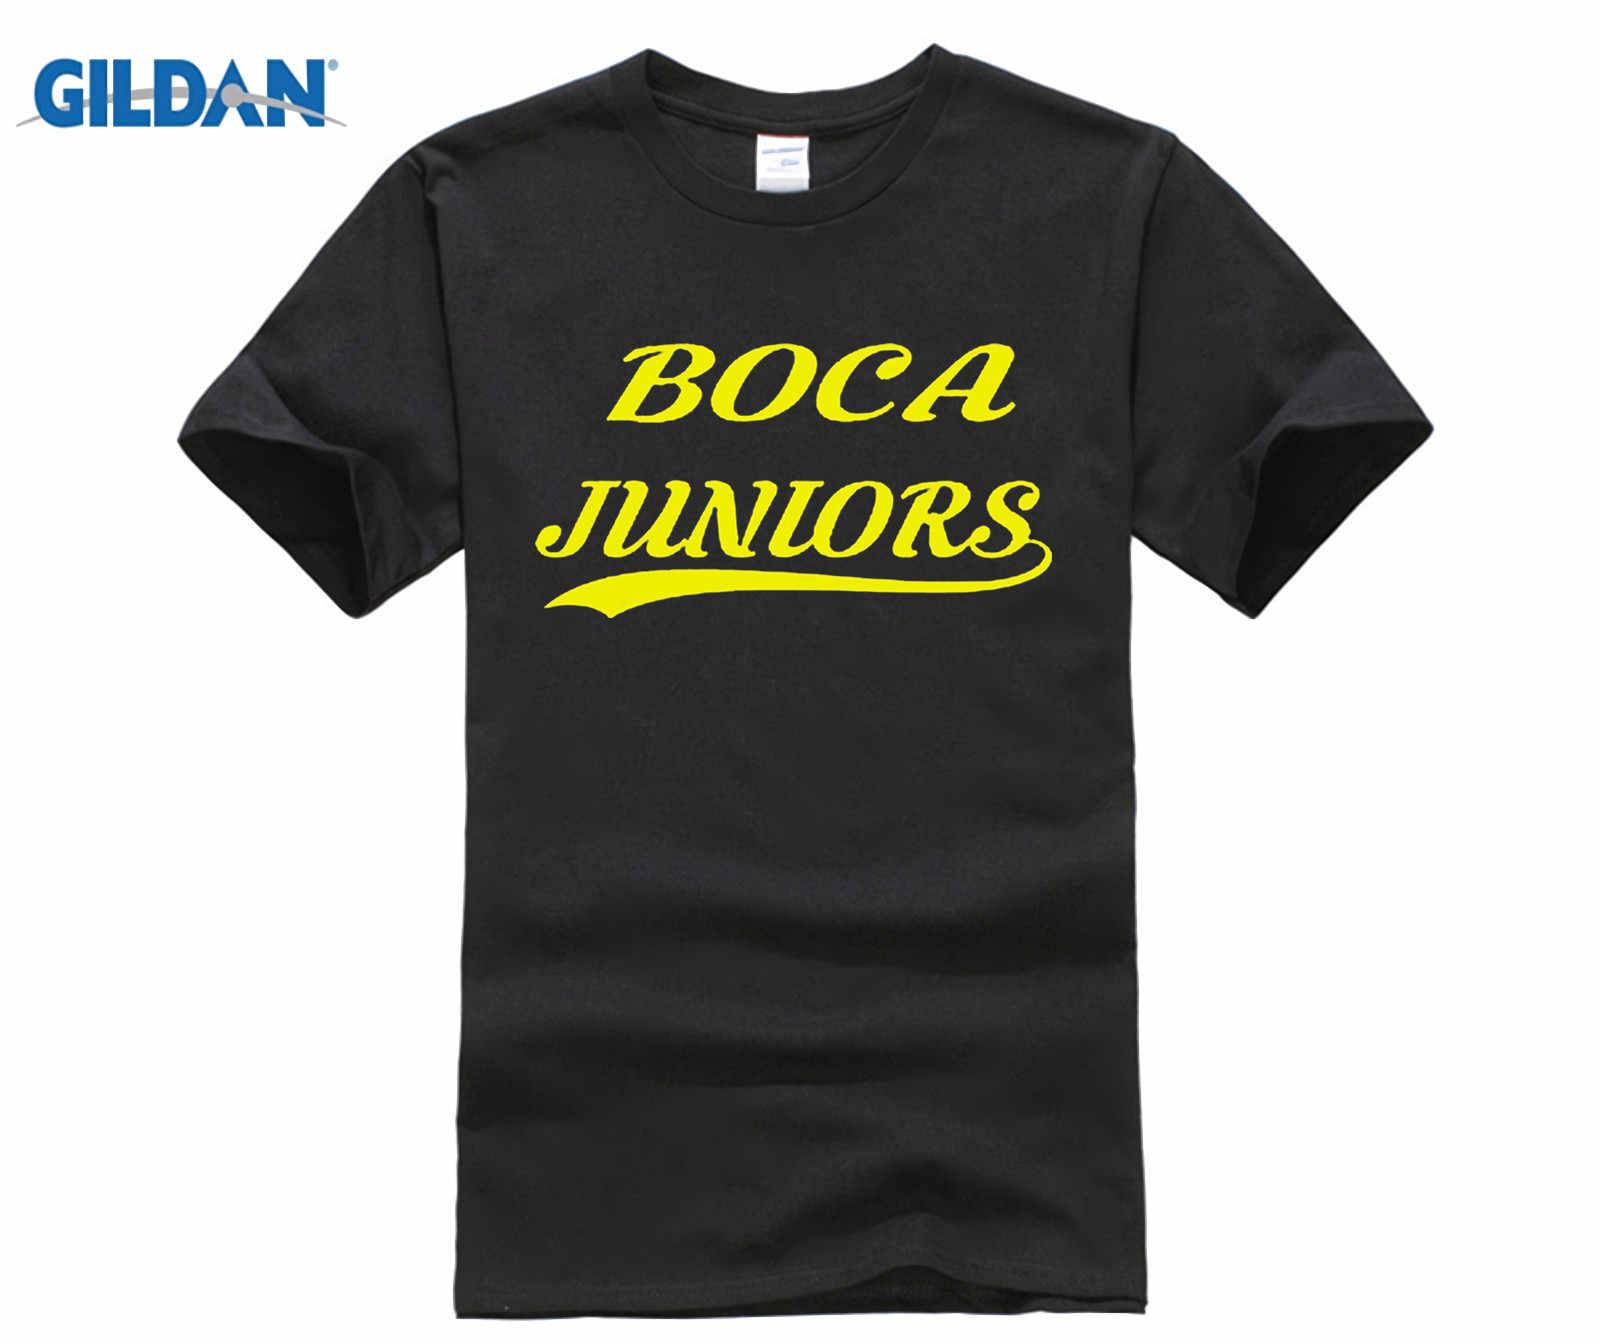 d3046fc3f CA BOCA JUNIORS BUENOS AIRES SHIRT Footballer CAMISETA FUTBOL ARGENTINA T- shirt Men T Shirt